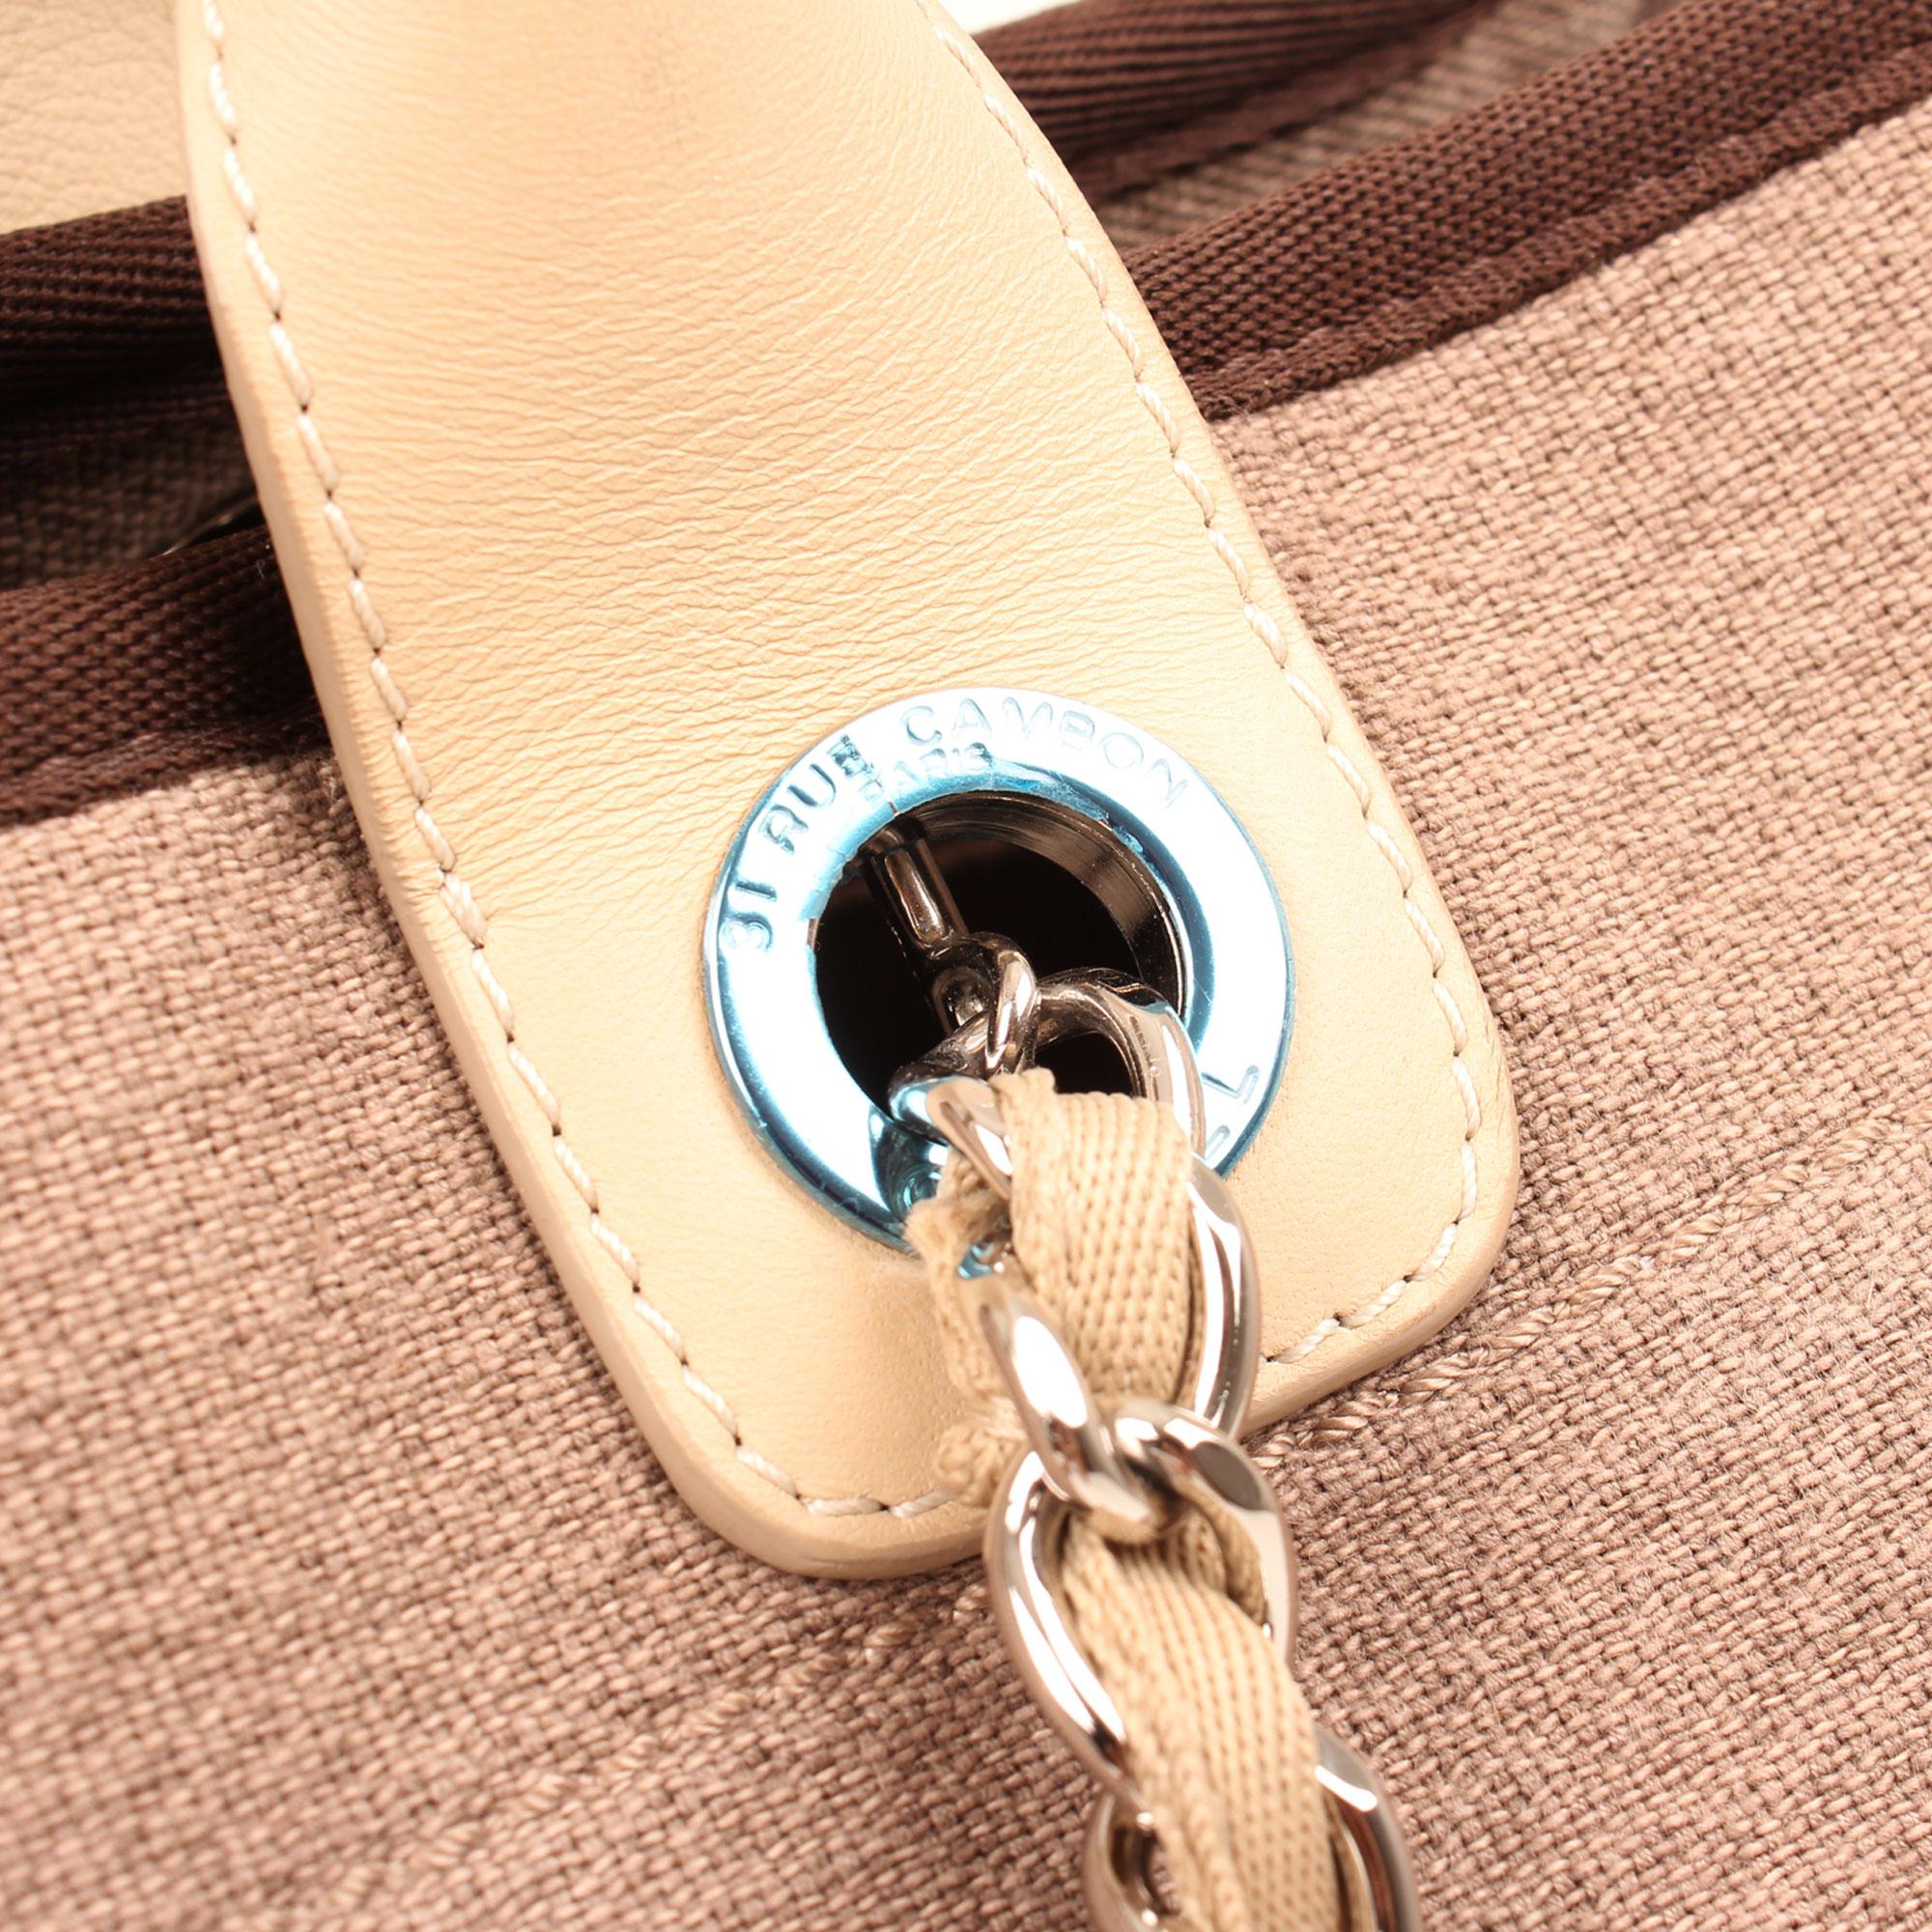 Imagen del herraje del bolso chanel ecru deauville tote